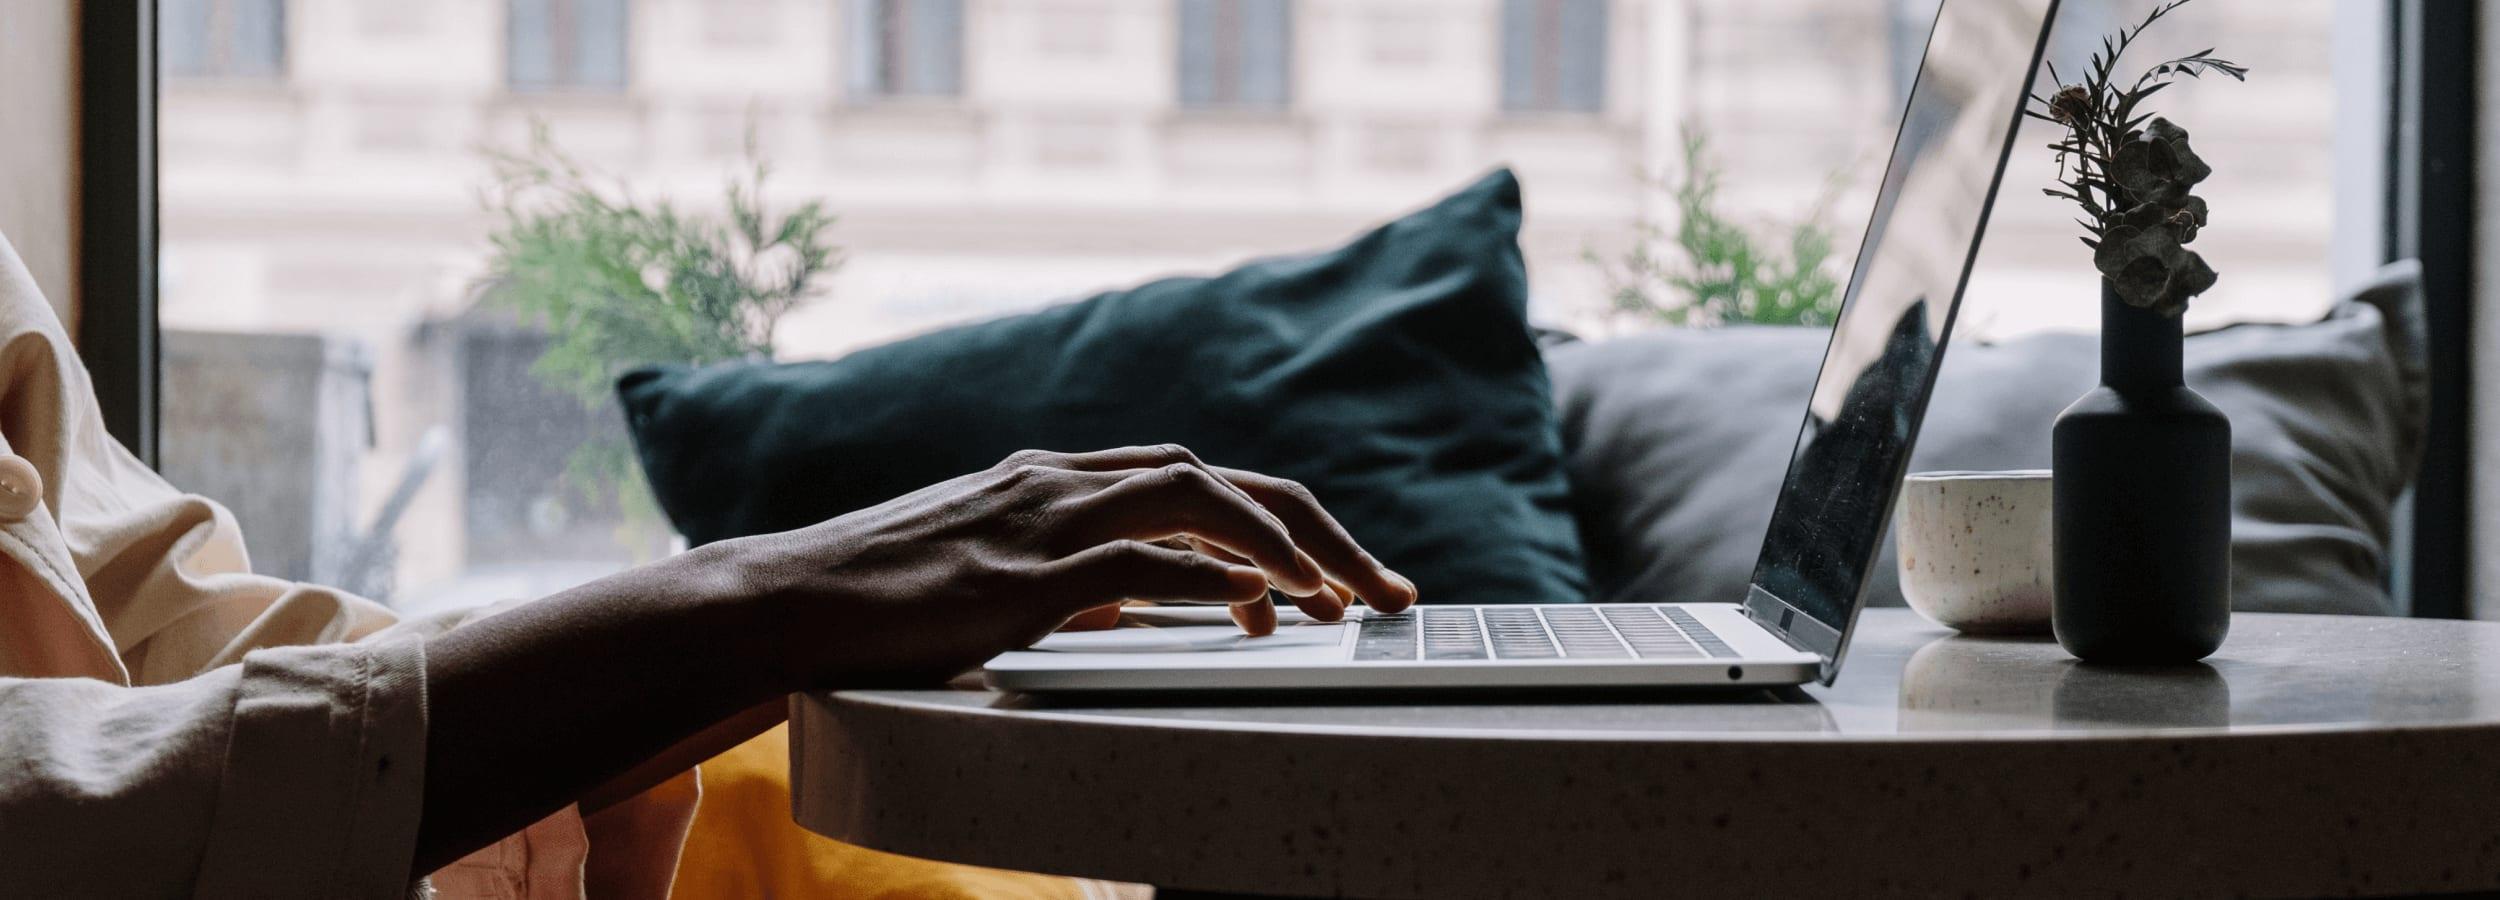 Création d'entreprise en ligne : les avantages de la domiciliation.